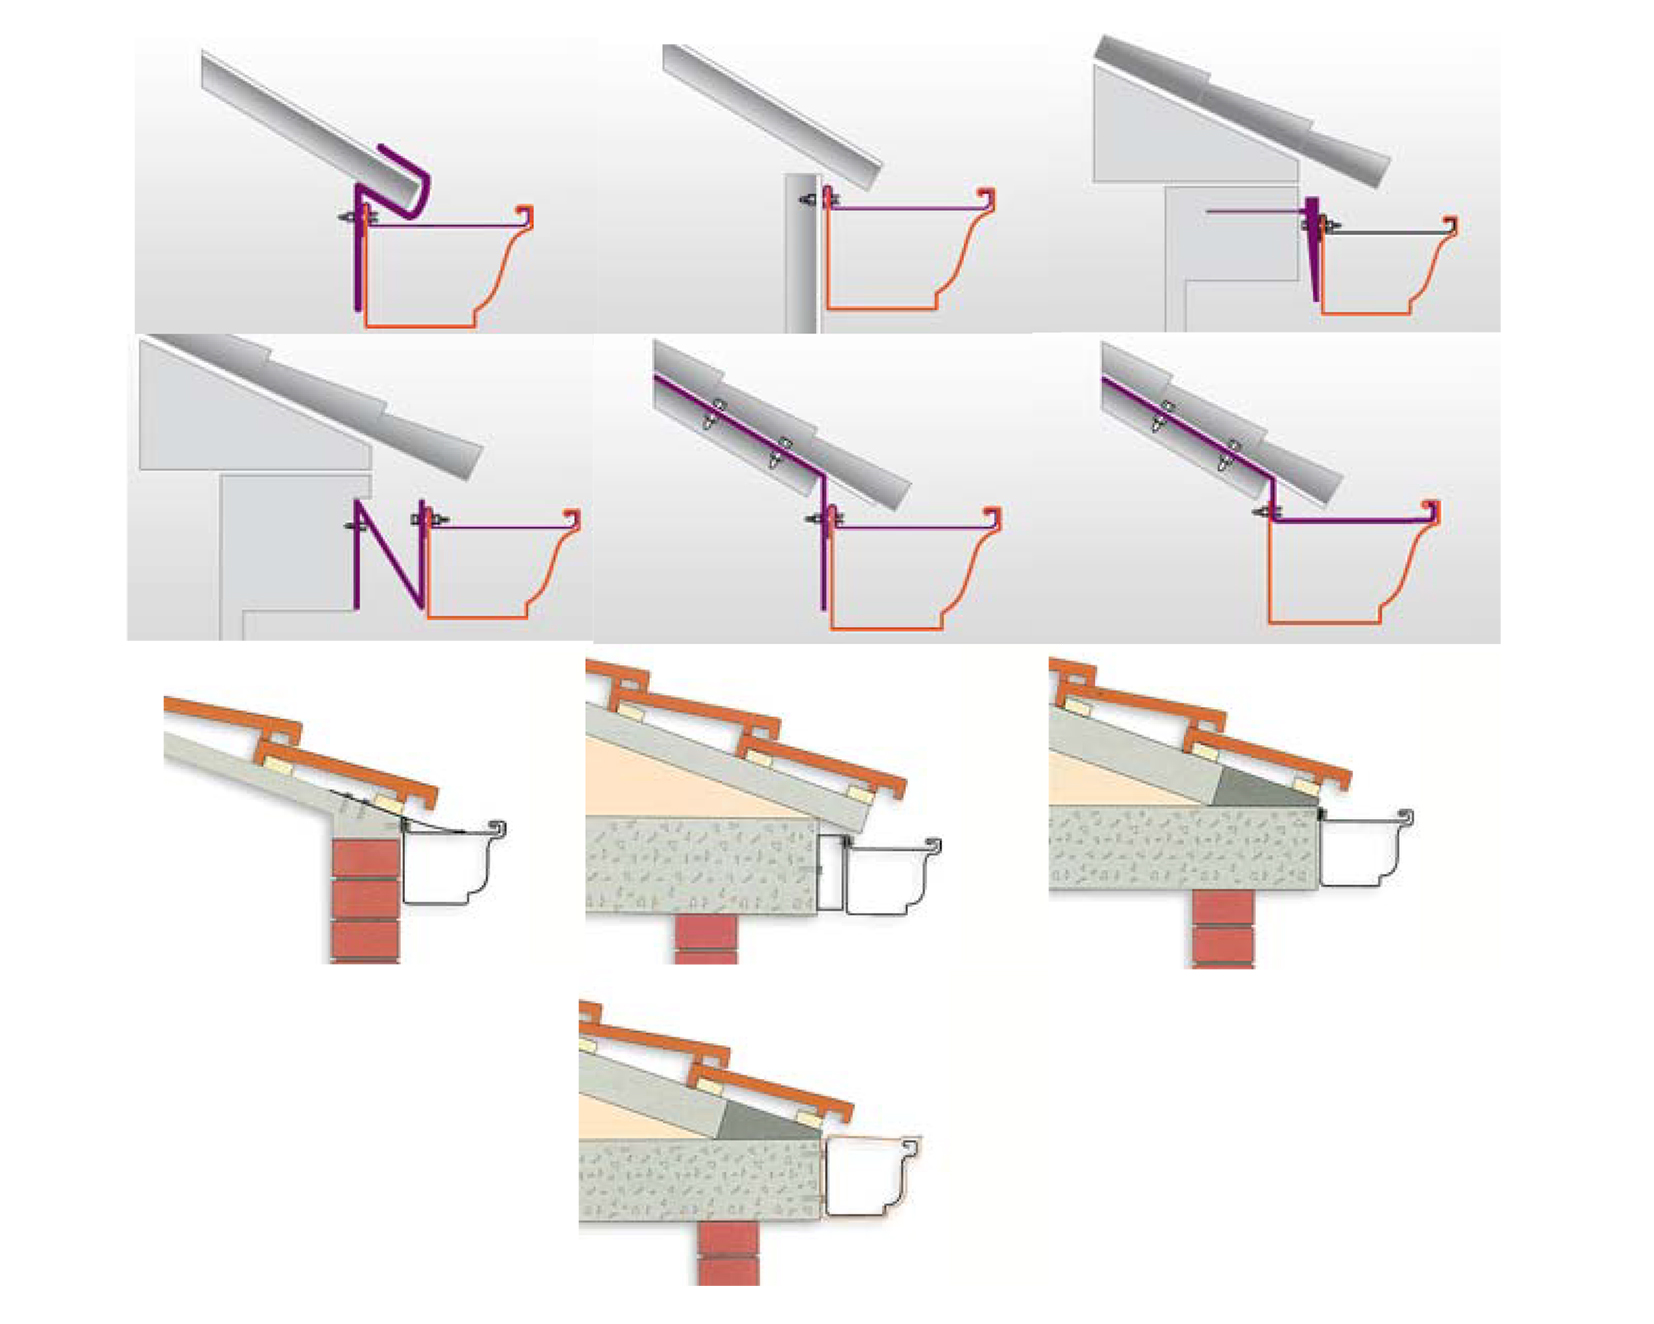 Fabricacion trabajo e instalacion de canalon zurcanal for Canalon de aluminio